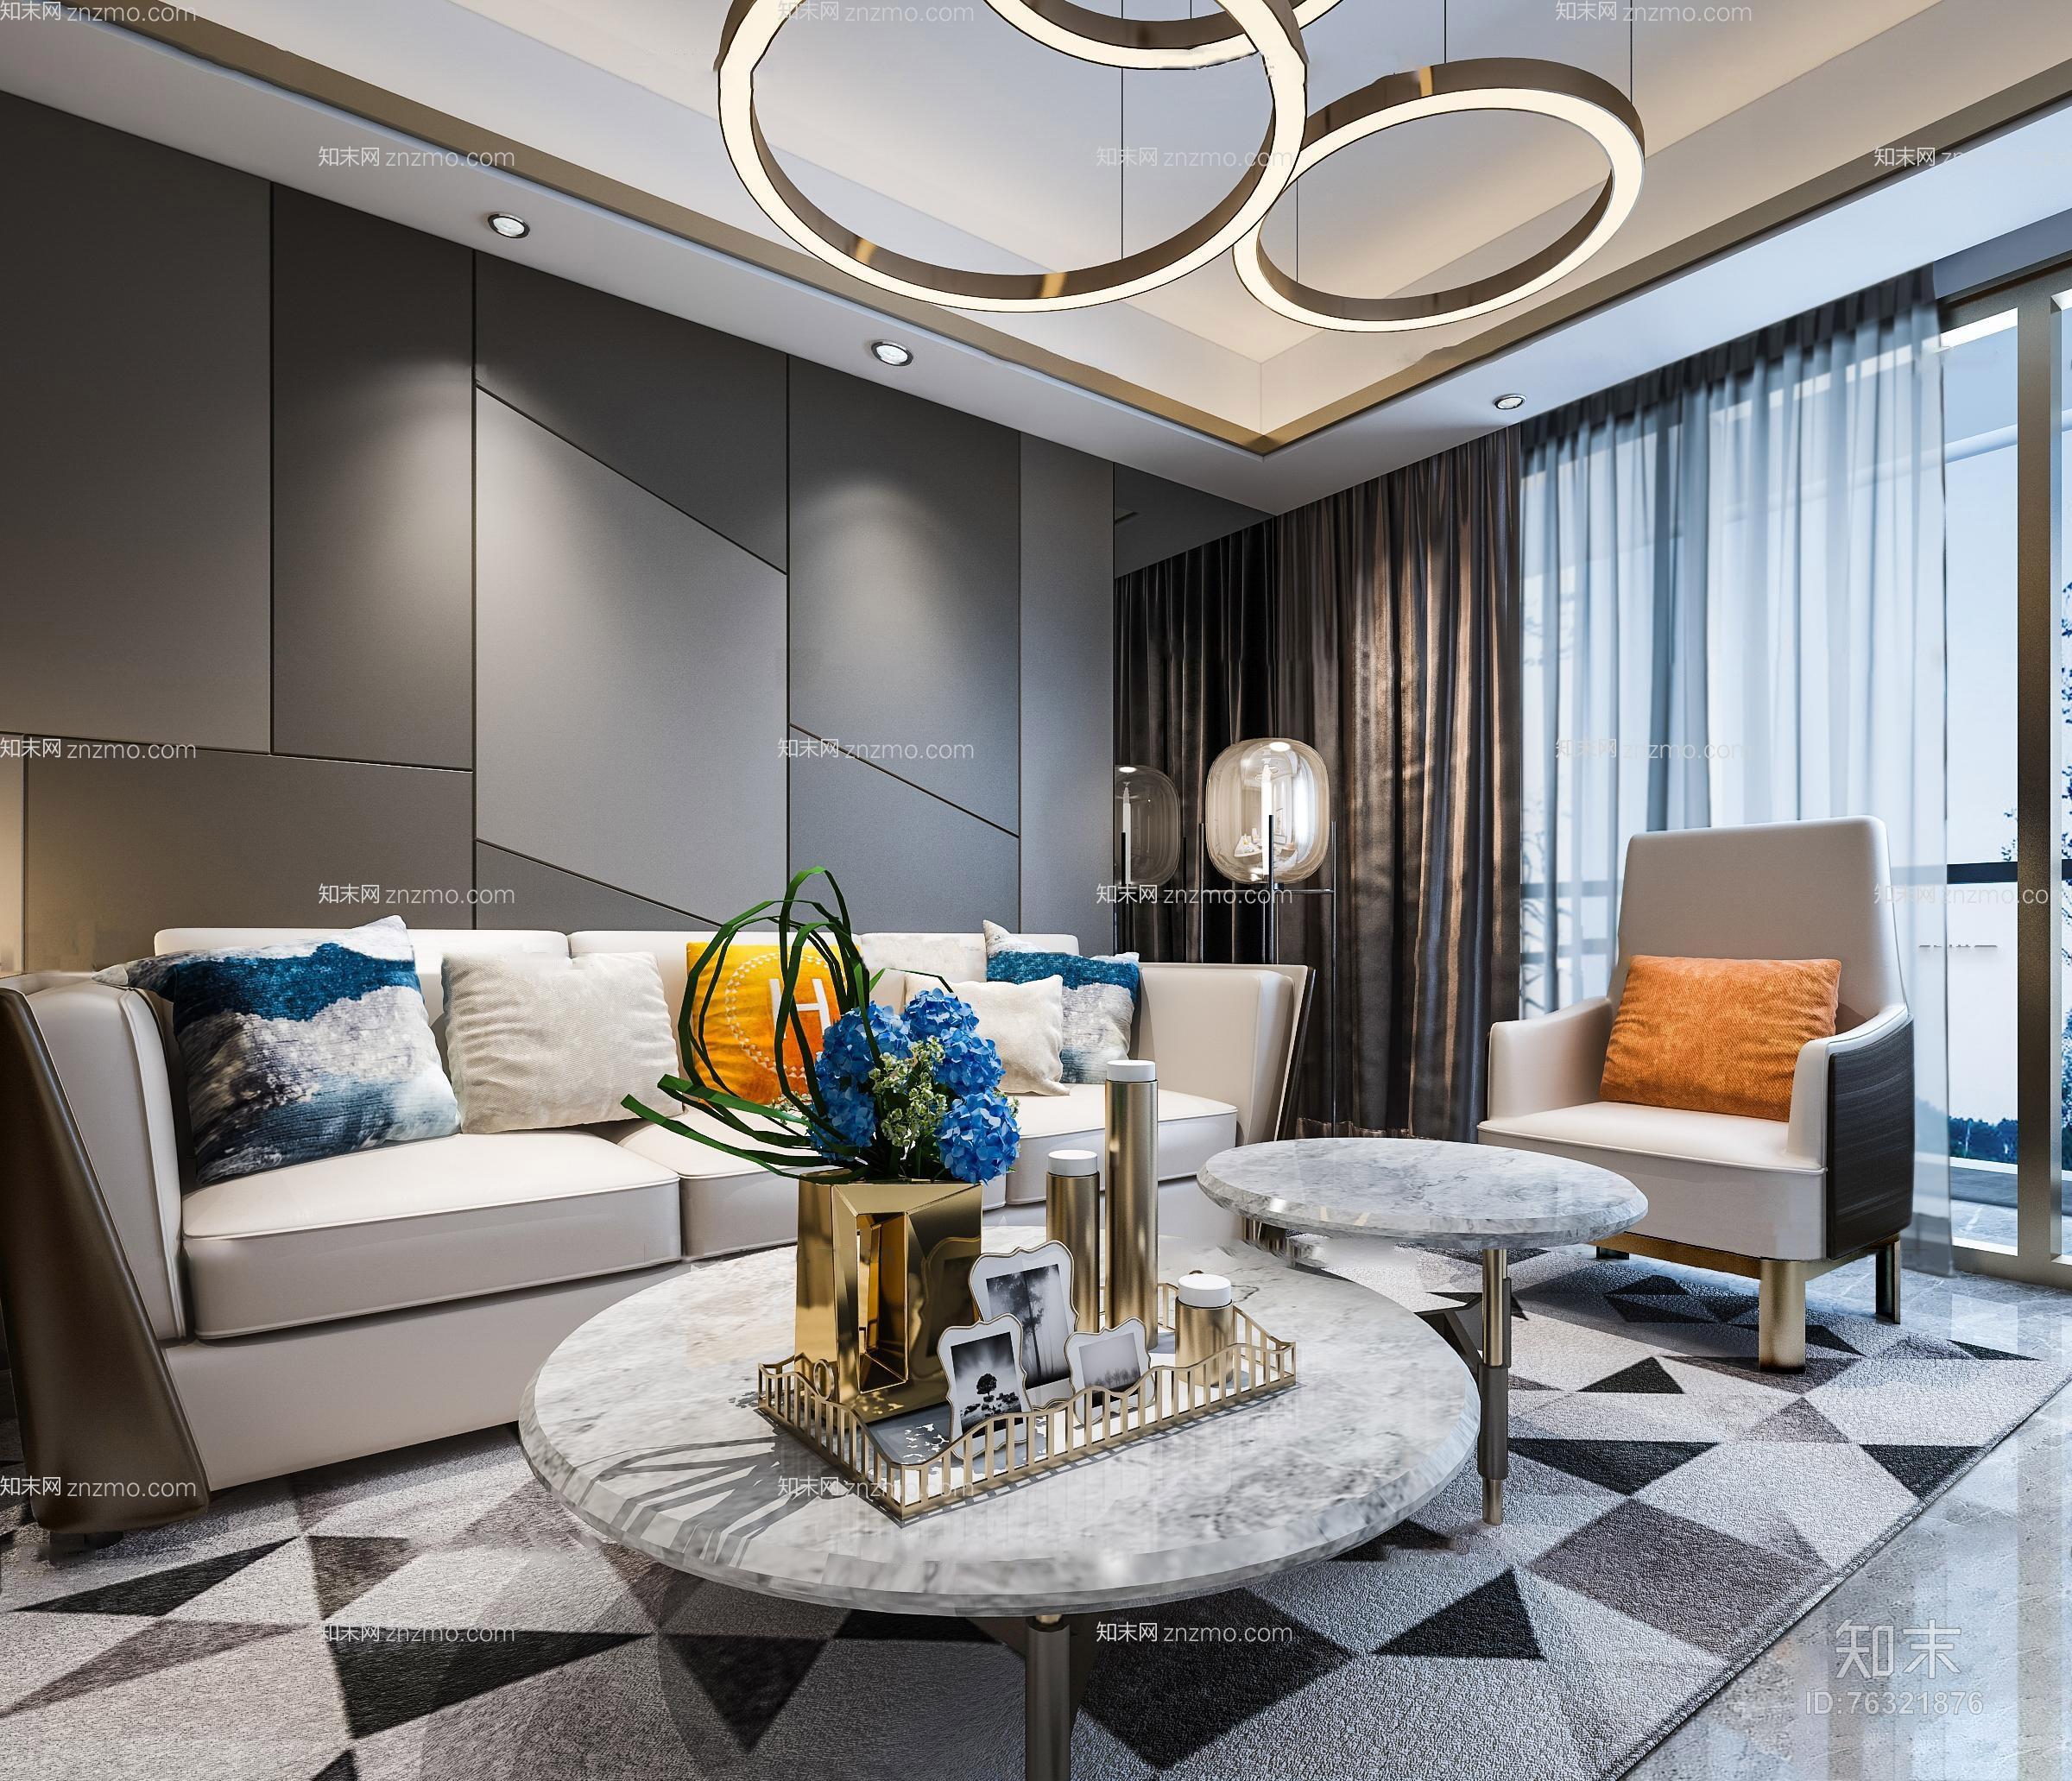 现代客厅3D模型 吊灯 台灯 单双人沙发 茶几 装饰柜 挂画